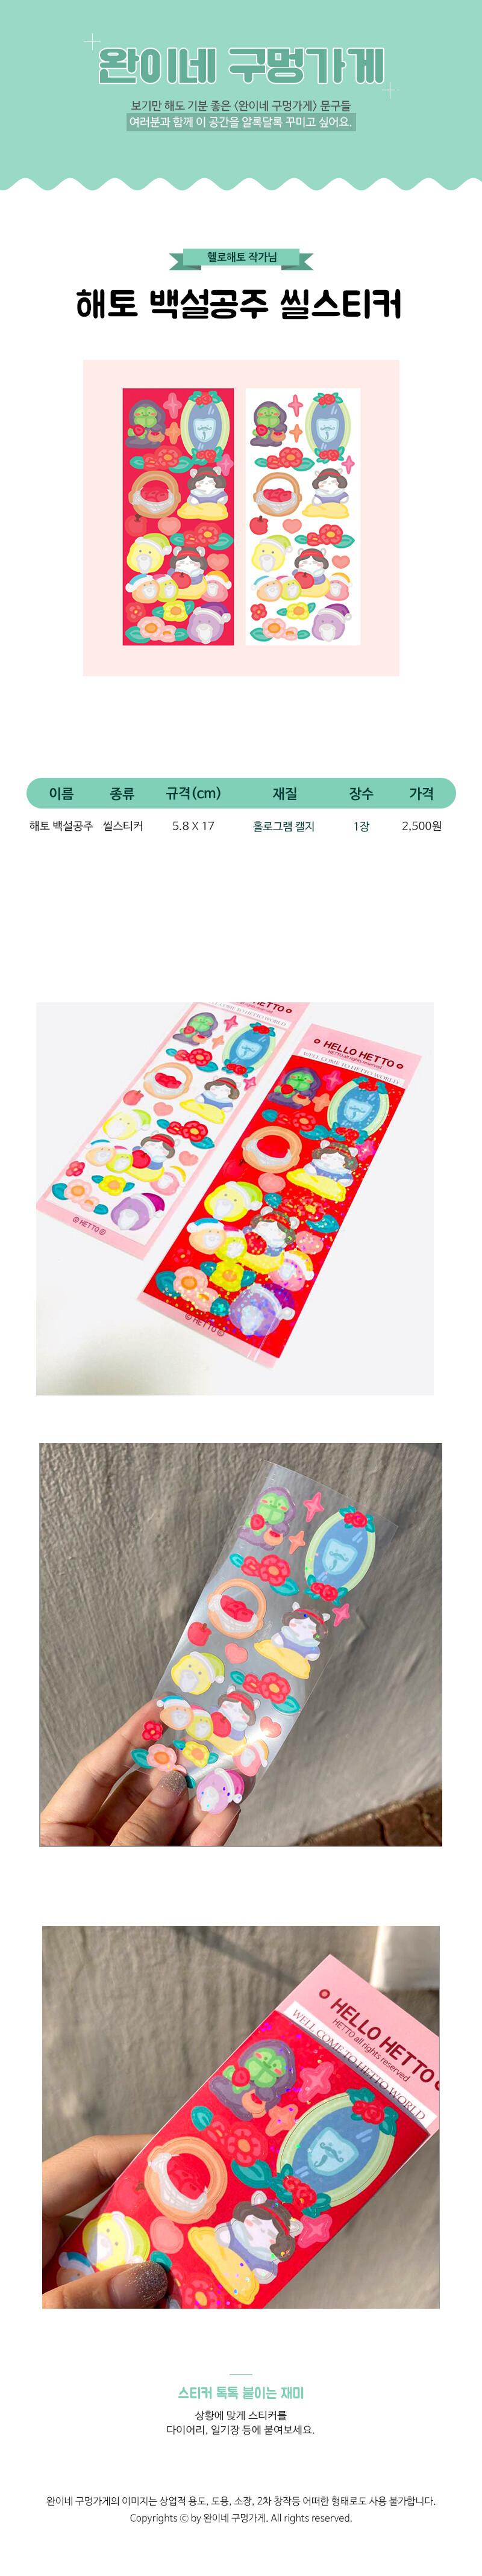 sticker805